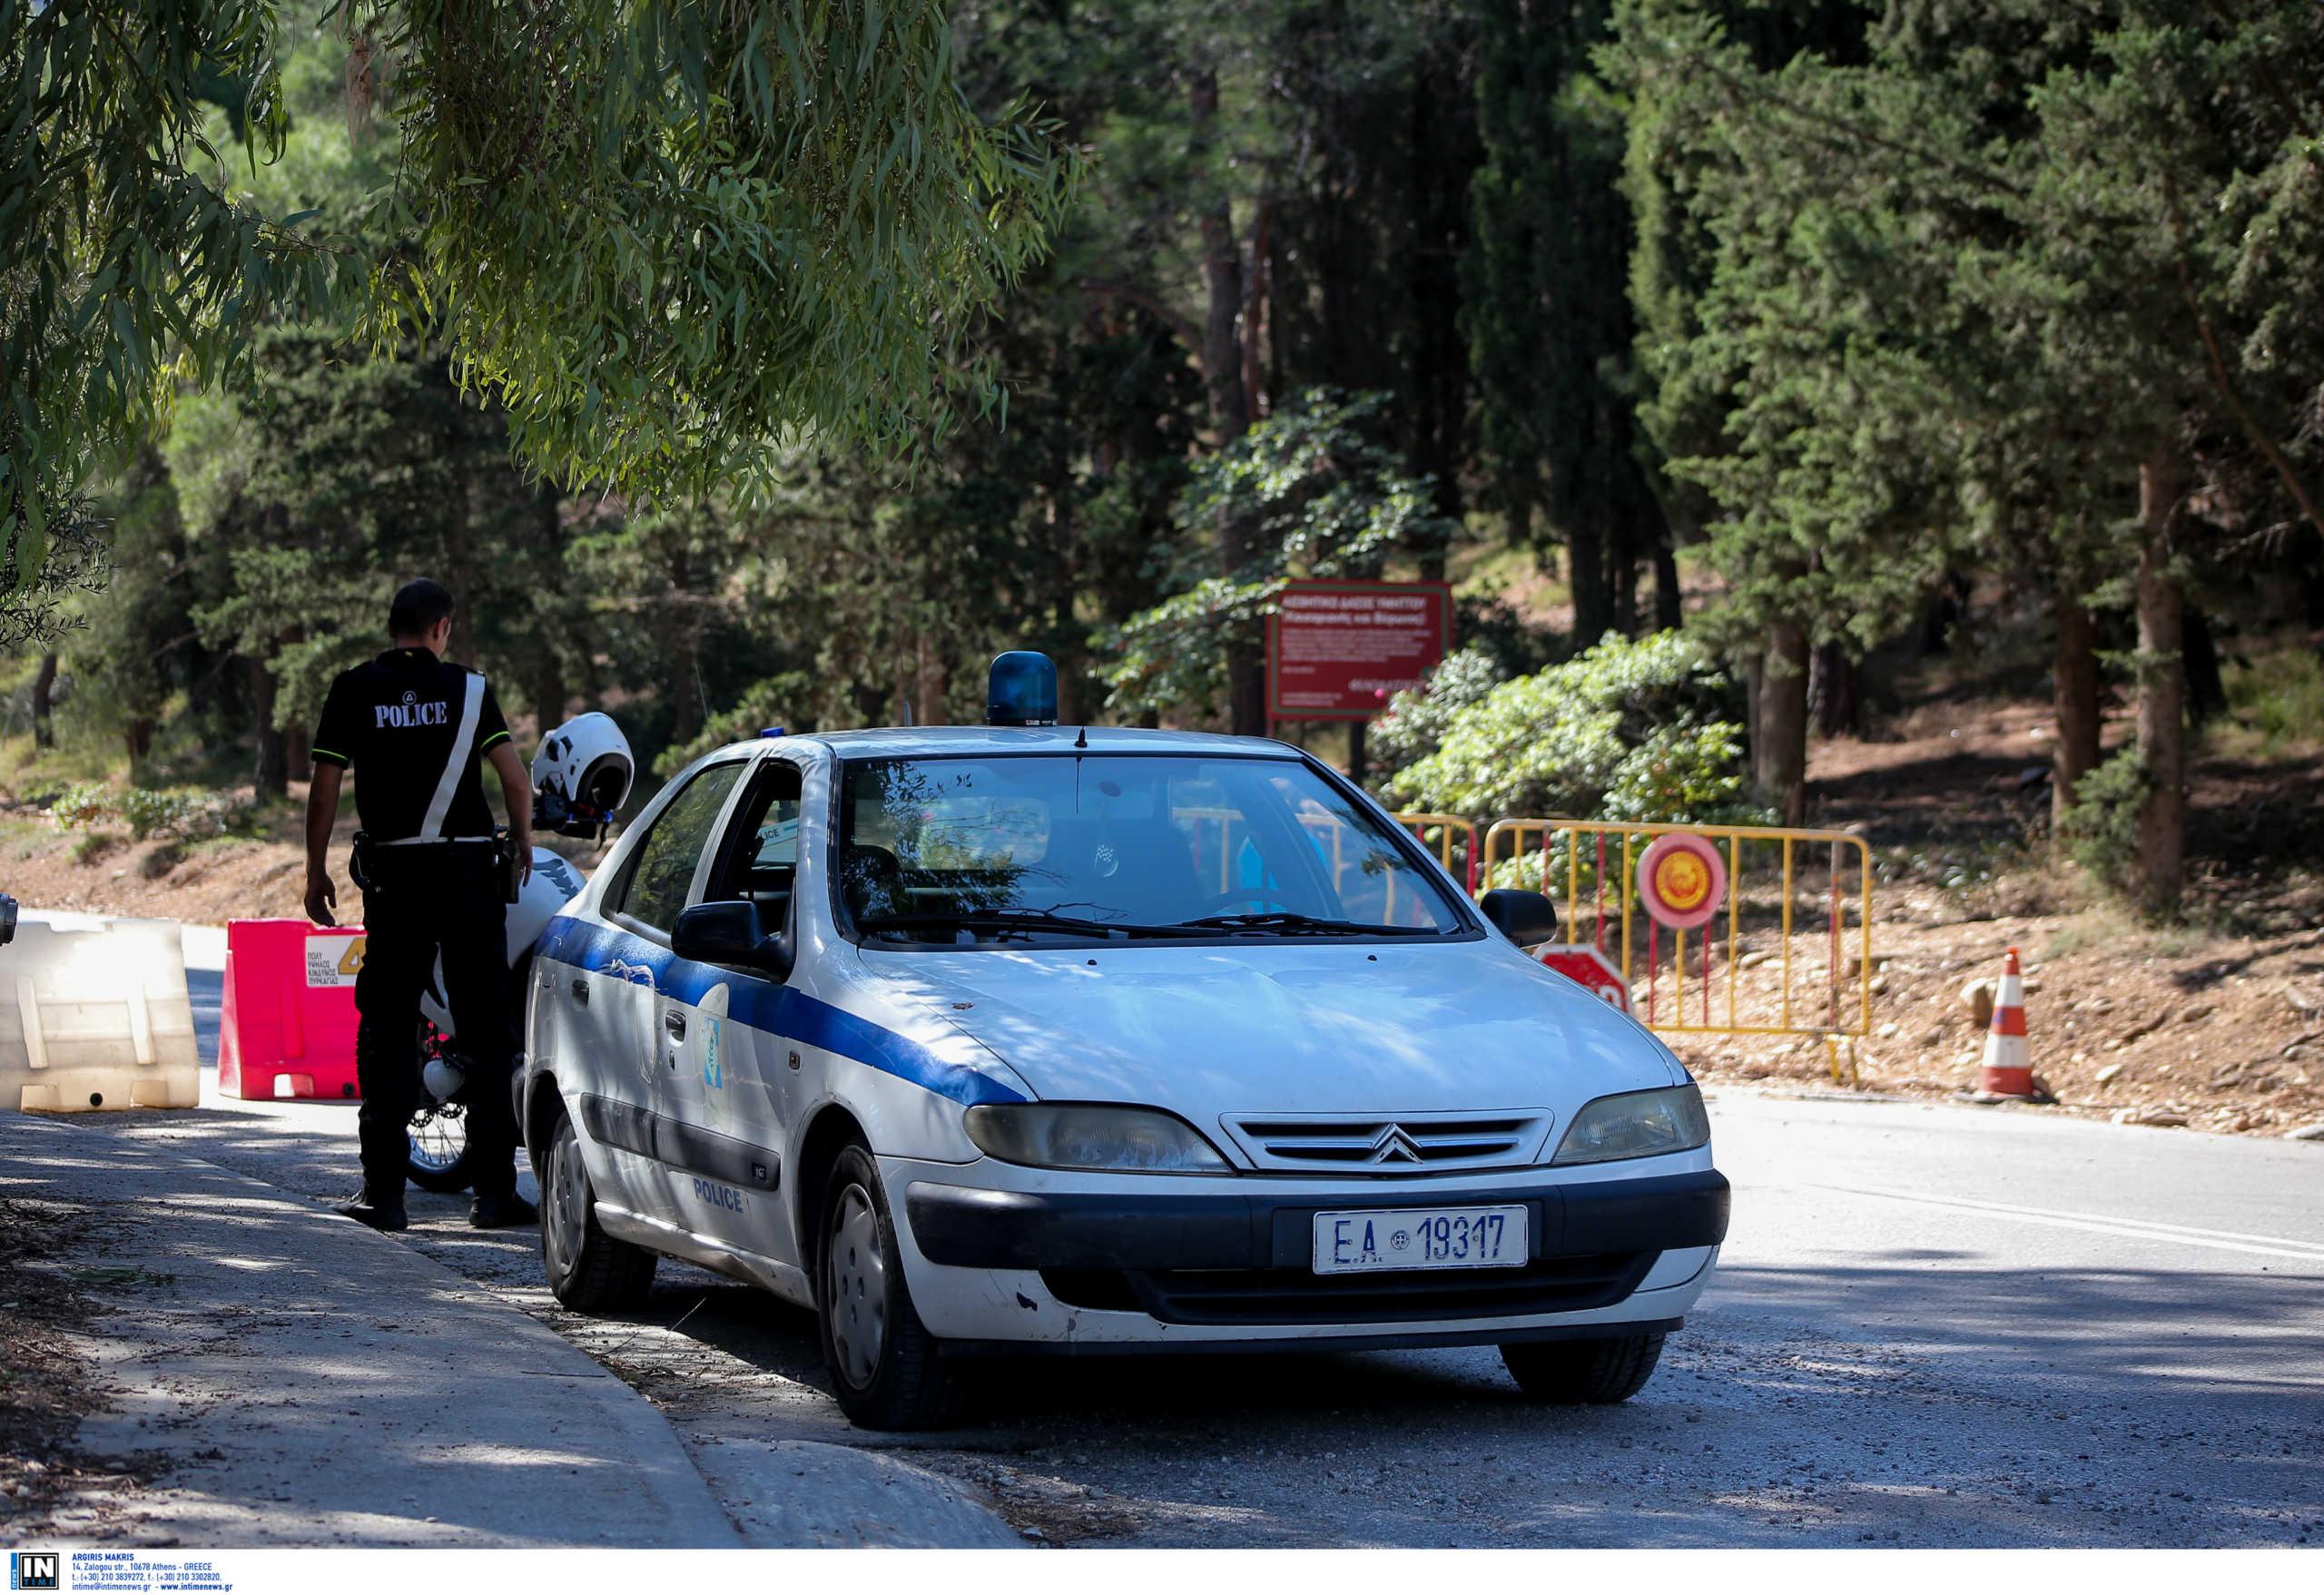 Συλλήψεις σε Έβρο και Ροδόπη για παράνομη διακίνηση μεταναστών